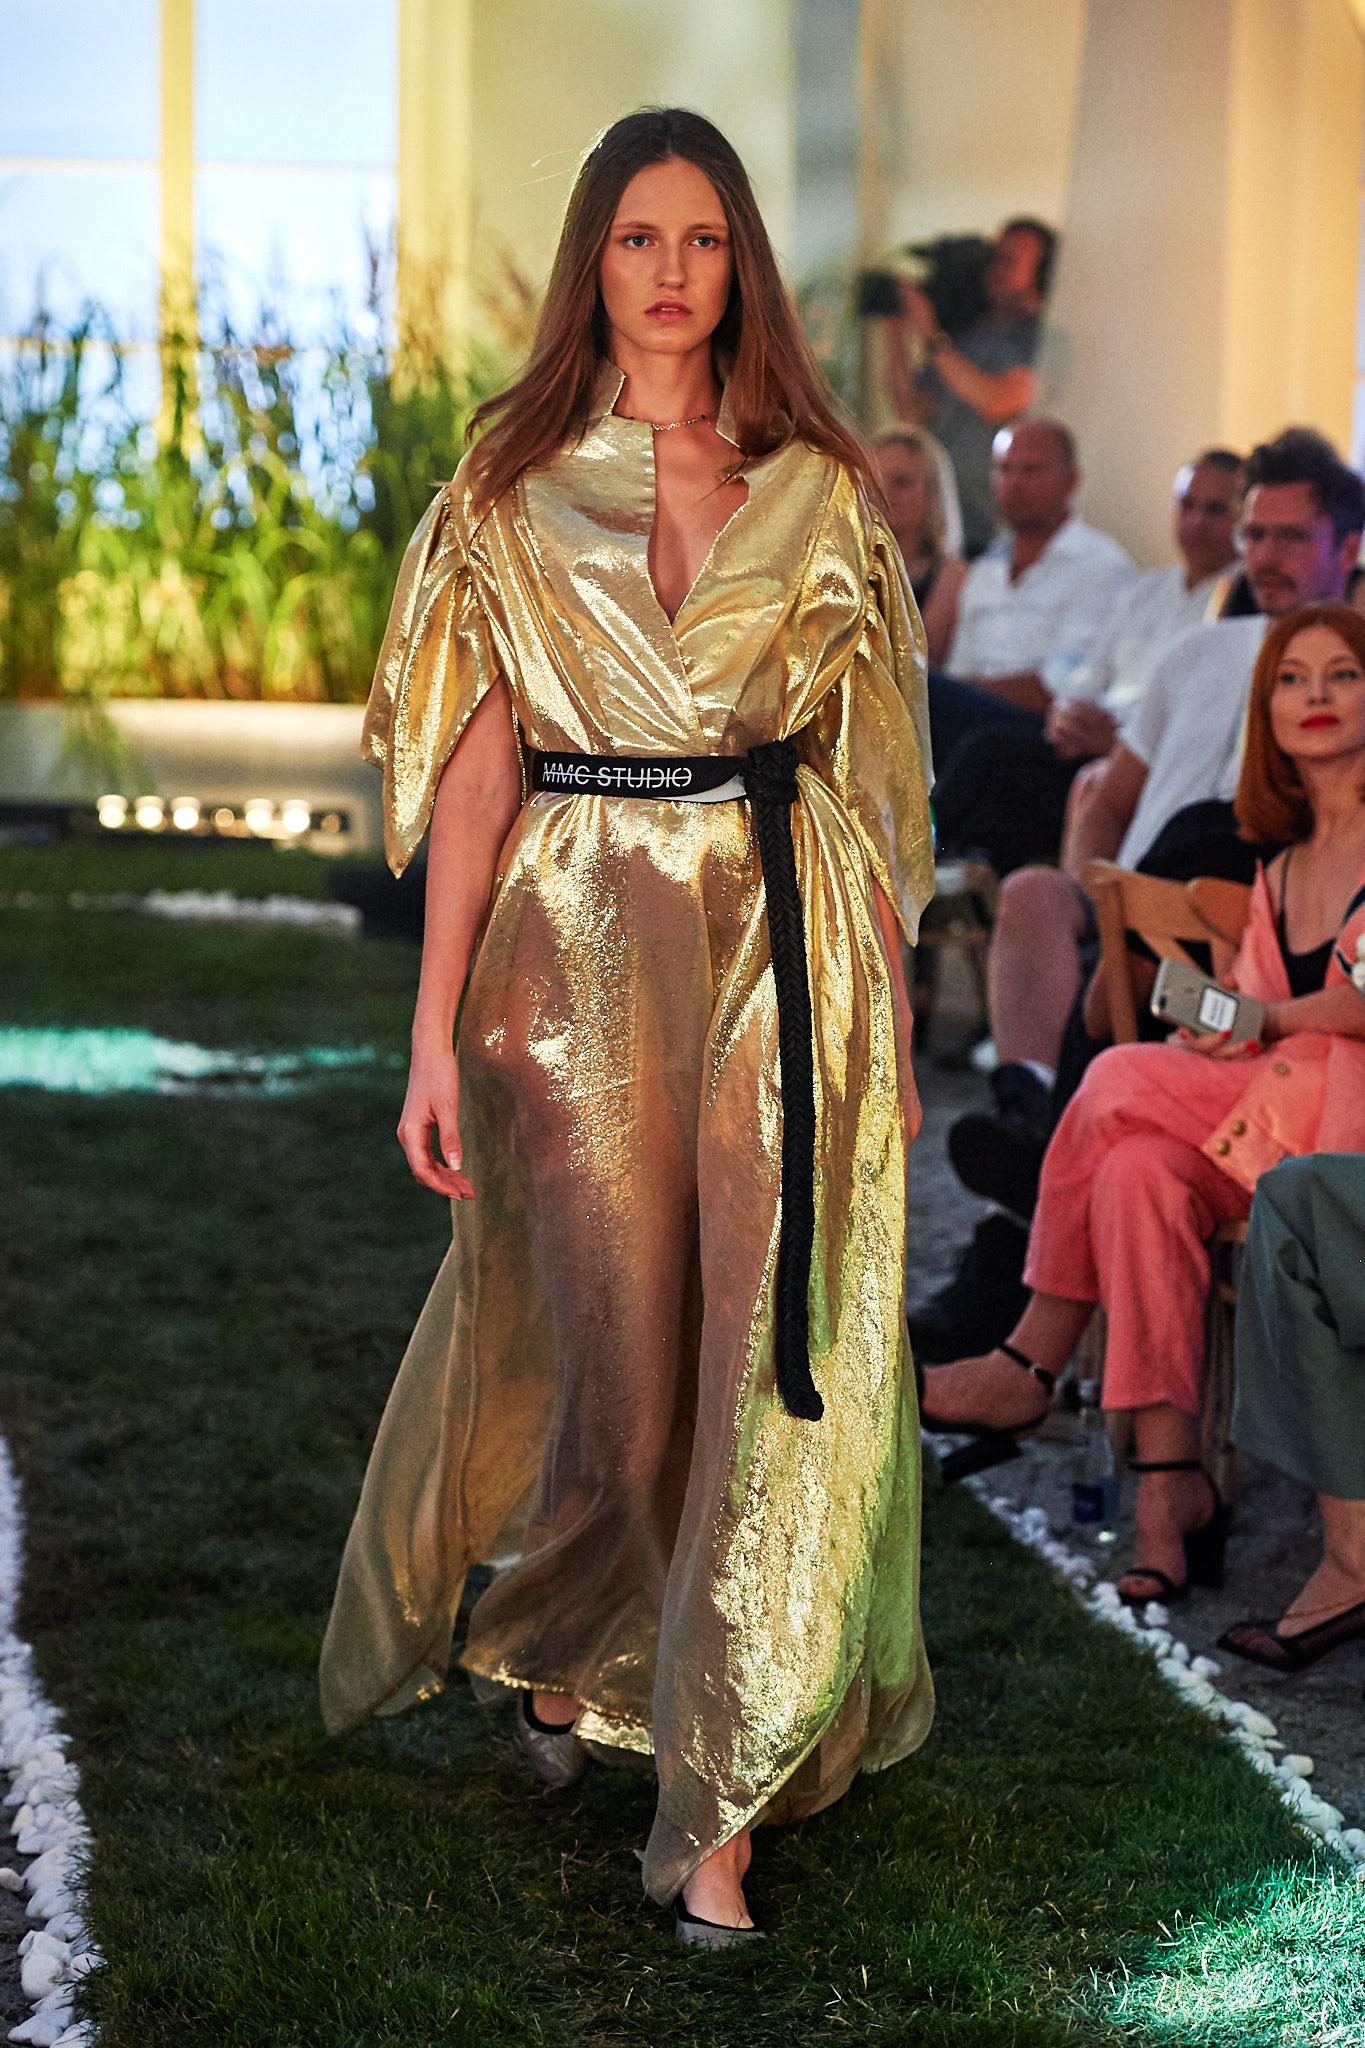 42_MMC-010719-lowres-fotFilipOkopny-FashionImages.jpg